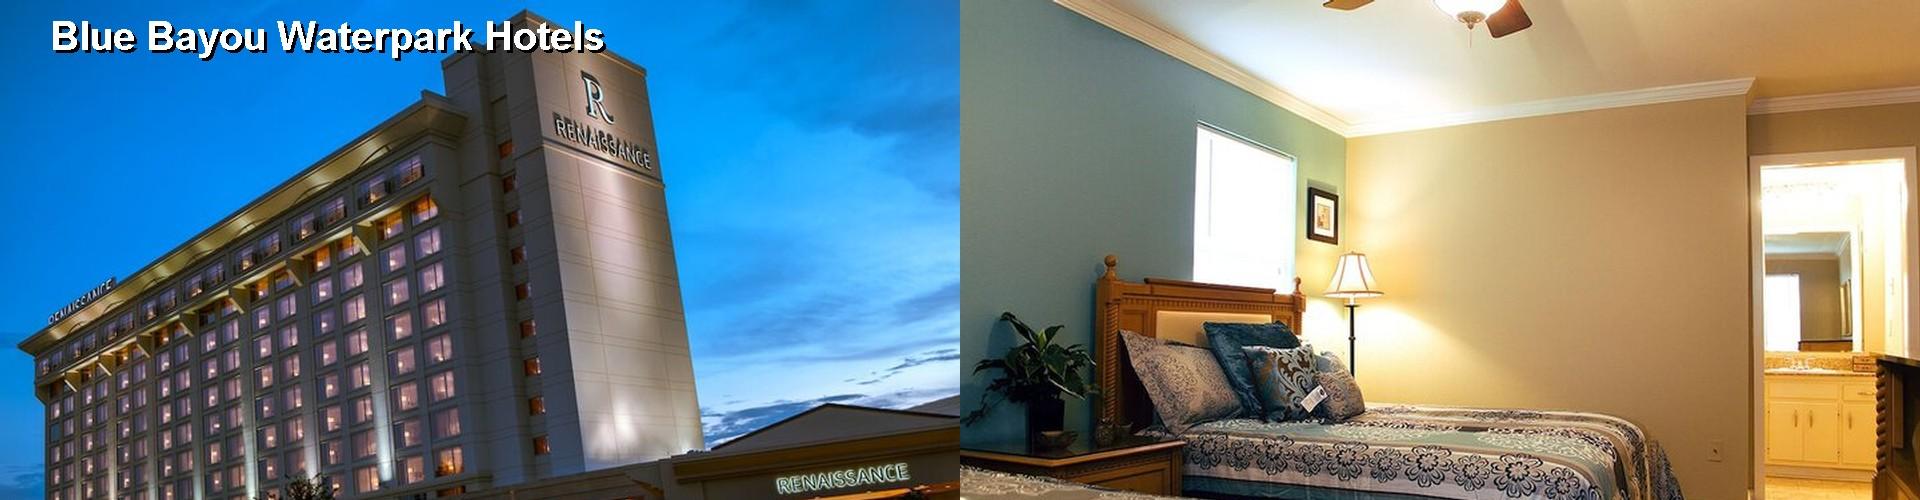 Hotels In Baton Rouge Near Blue Bayou